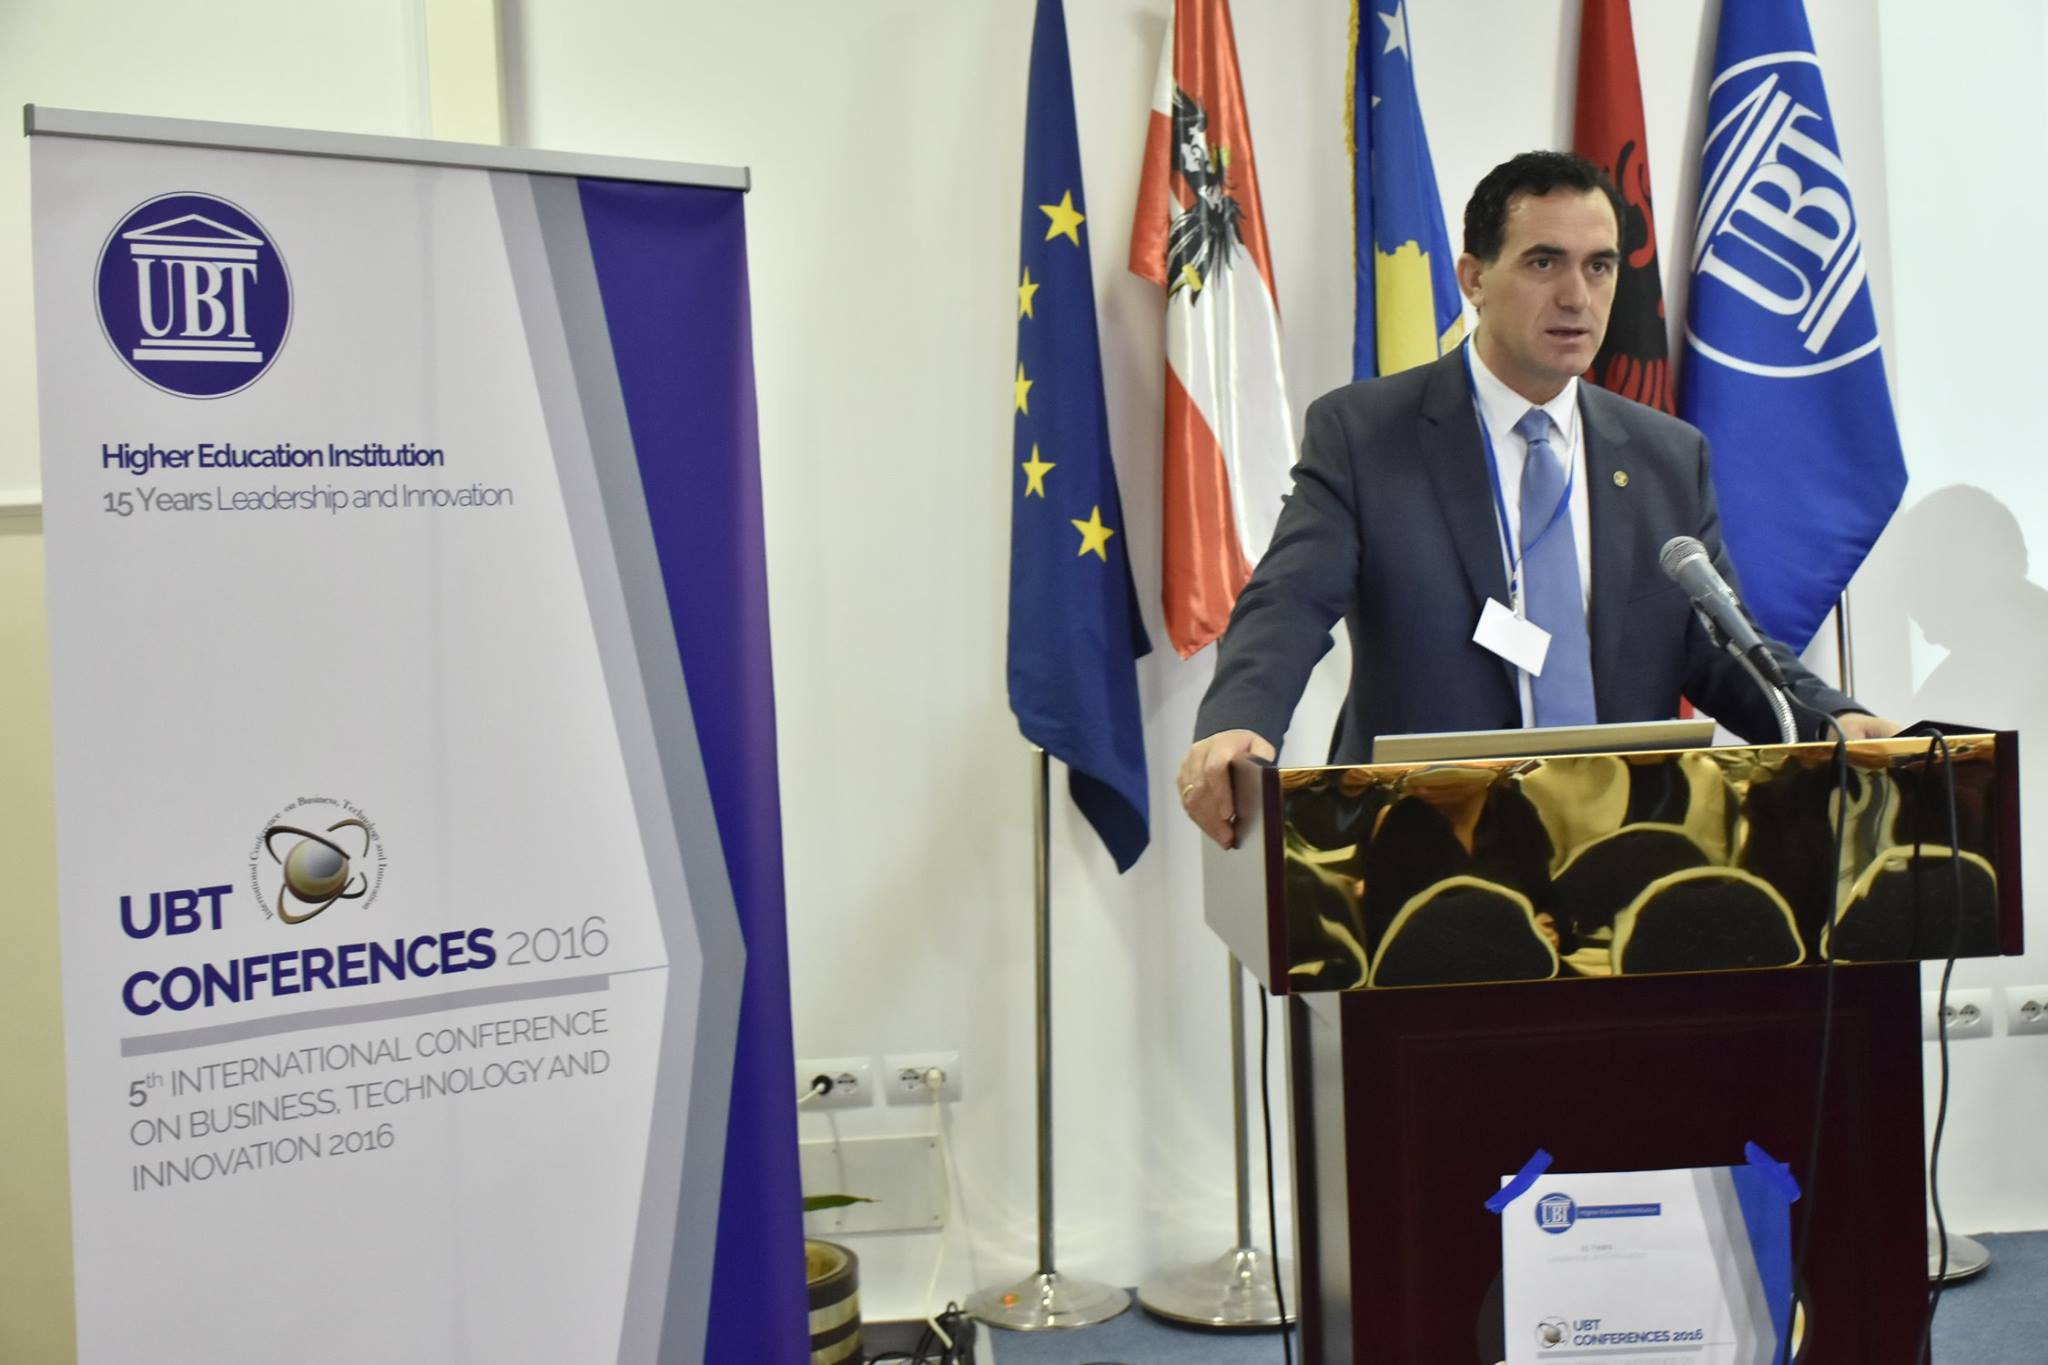 UBT mbledh mbi 200 shkencëtarë në Konferencën e Pestë Ndërkombëtare për Biznes, Teknologji dhe Inovacion në Durrës